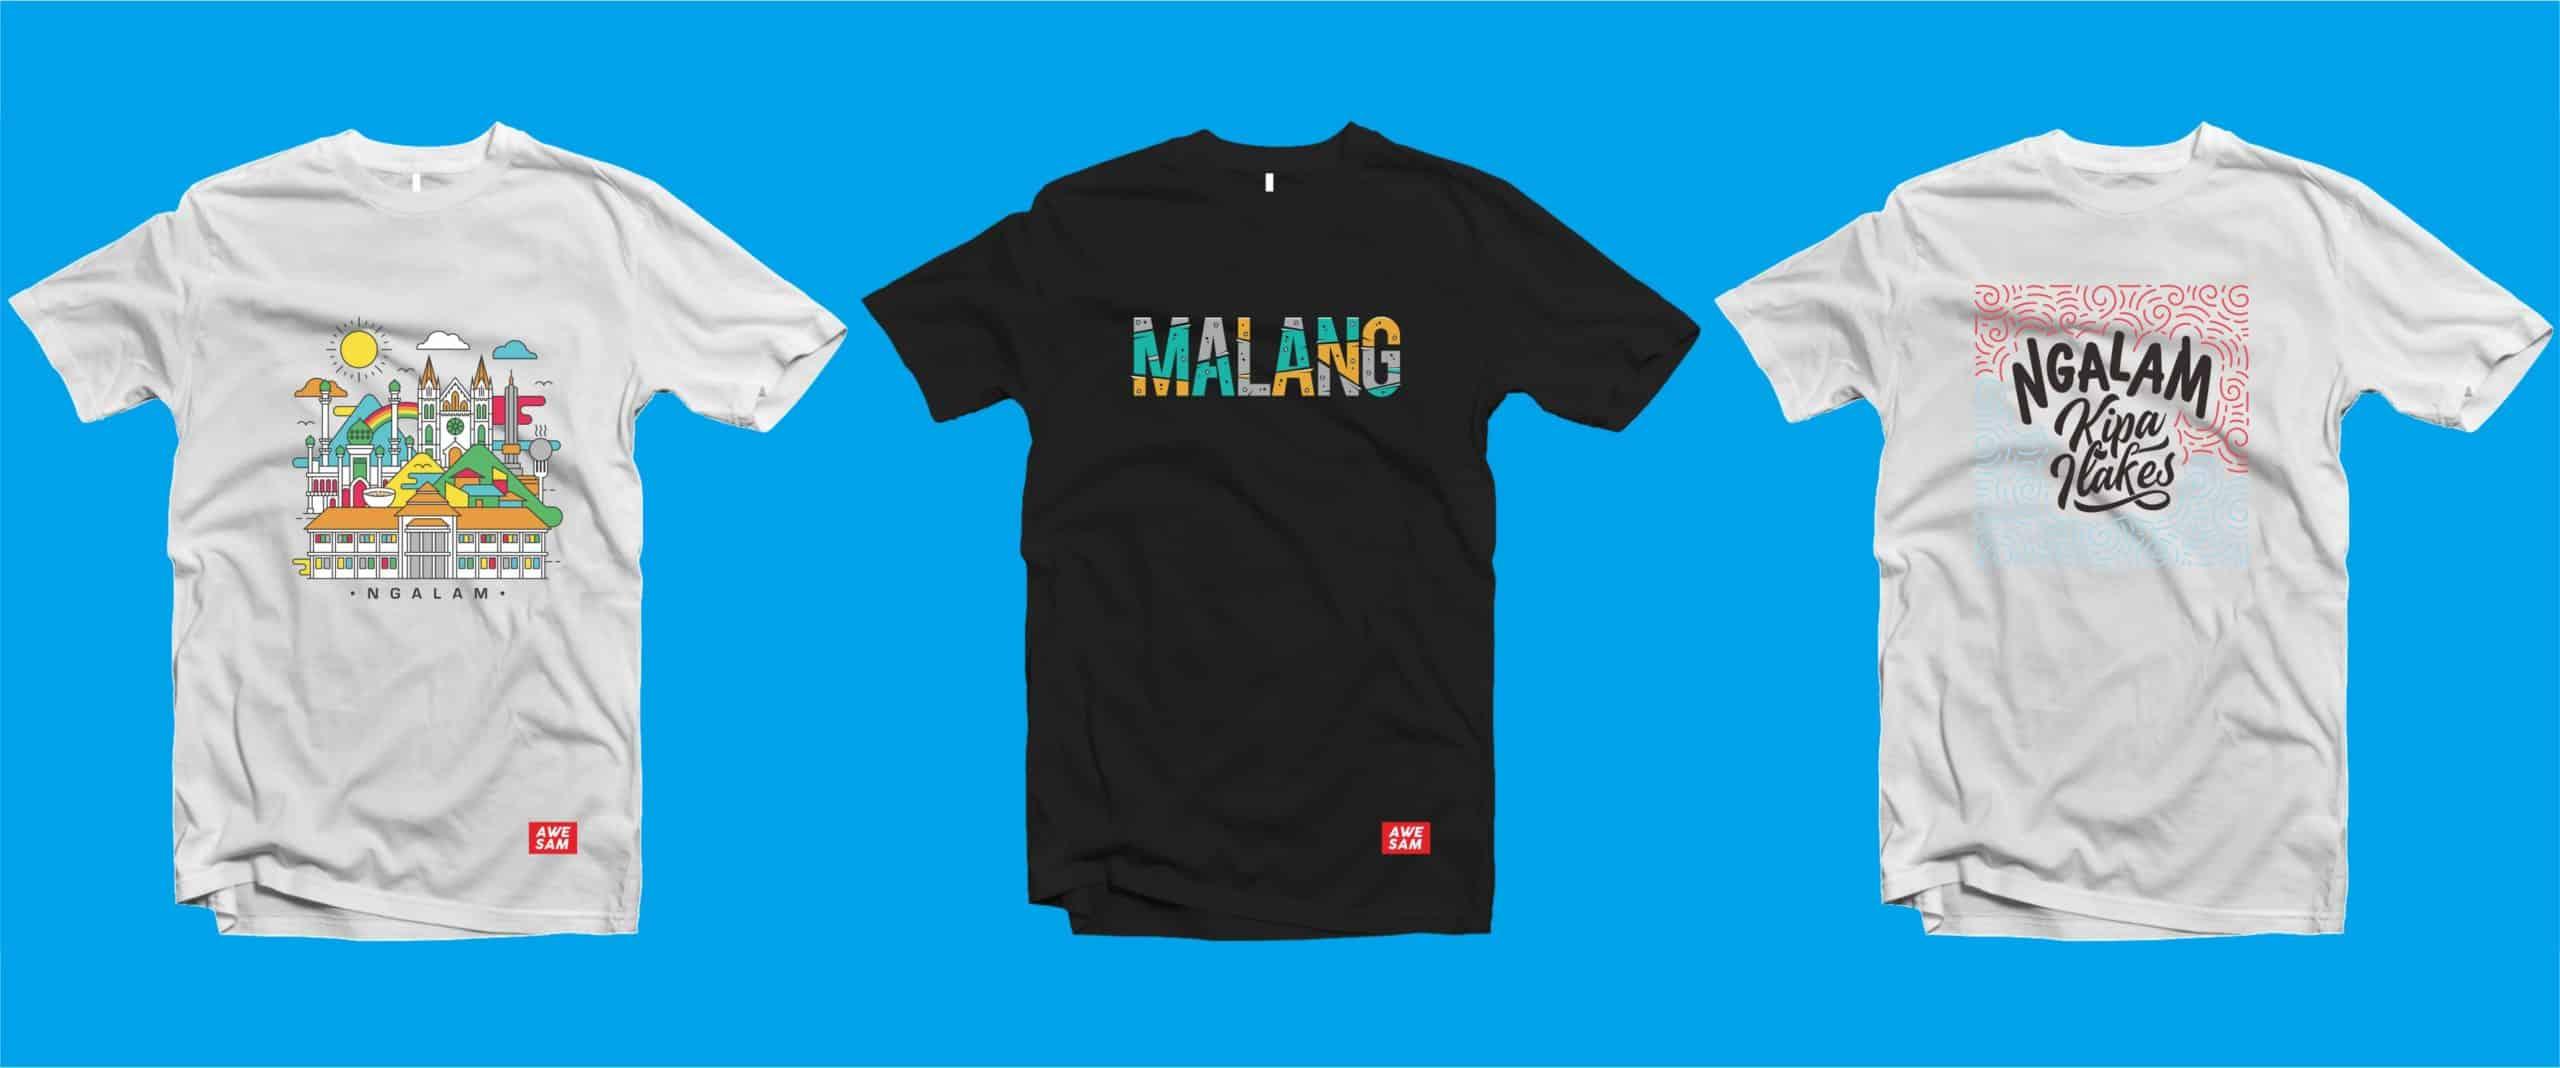 gambar Kaos dan Souvenir Khas Malang